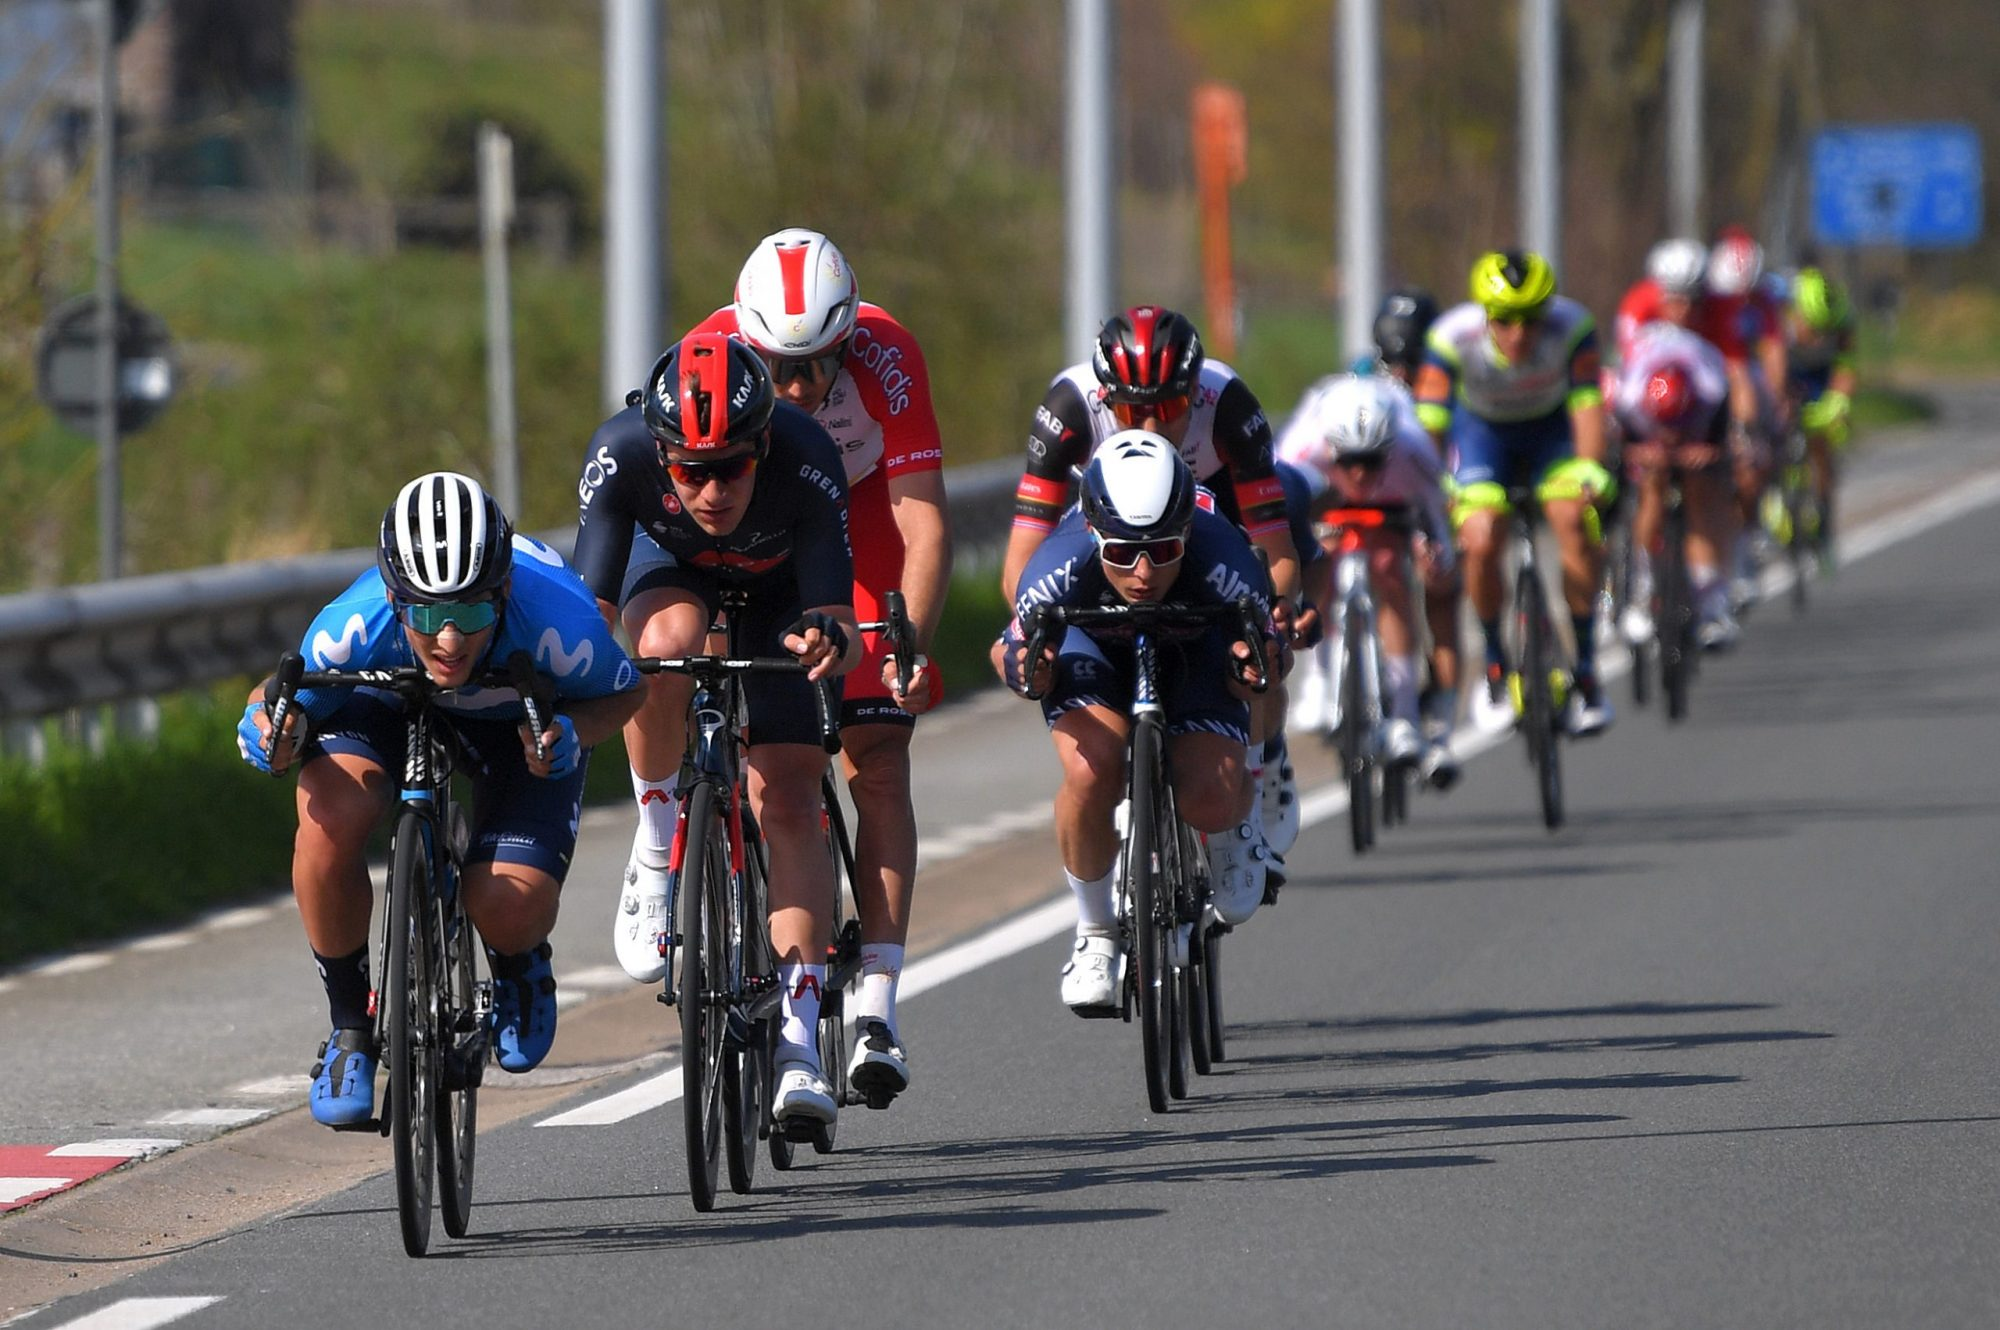 """Les coureurs du Tour du Pays Basque ne savent pas comment s'adapter et ne pas tomber sous le coup de l'interdiction de l'UCI sur le """" super-tuck """""""